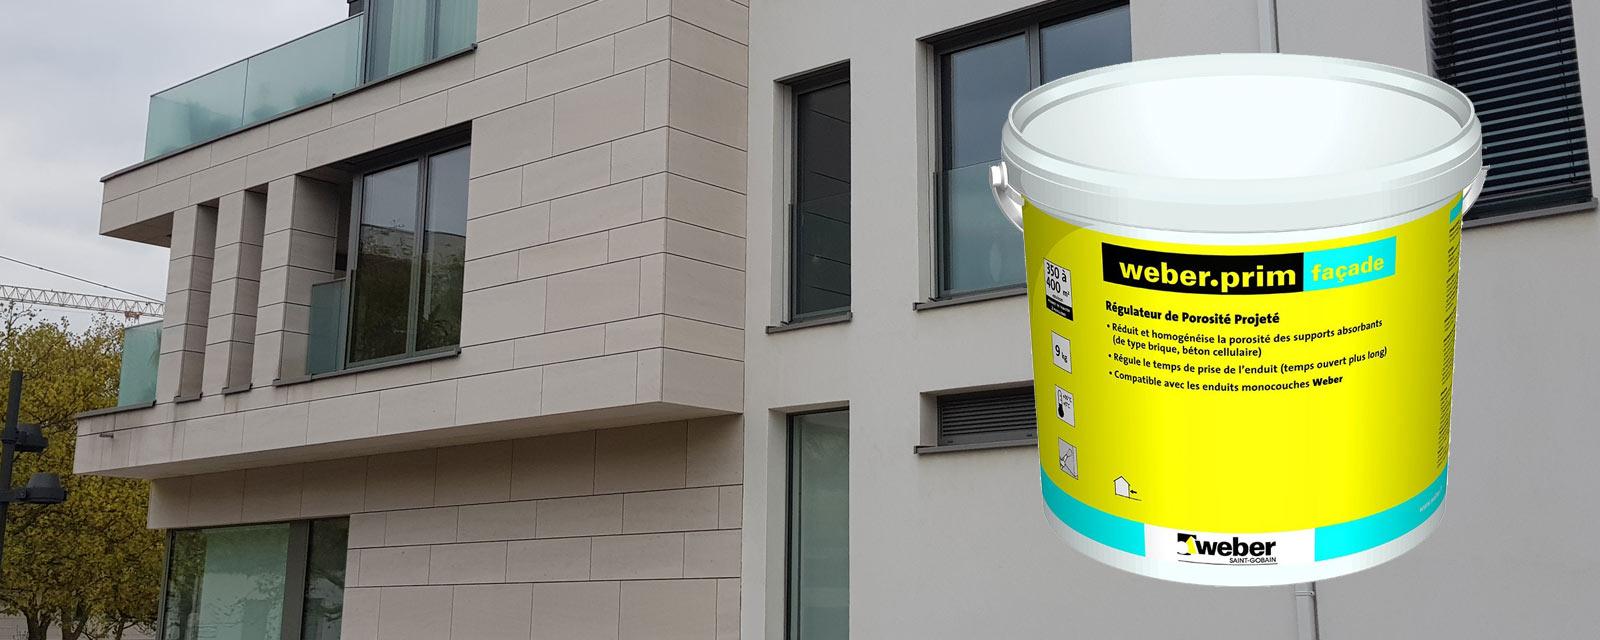 Pose Enduit De Facade Monocouche régulateur porosité weberprim façade weber | guide artisan